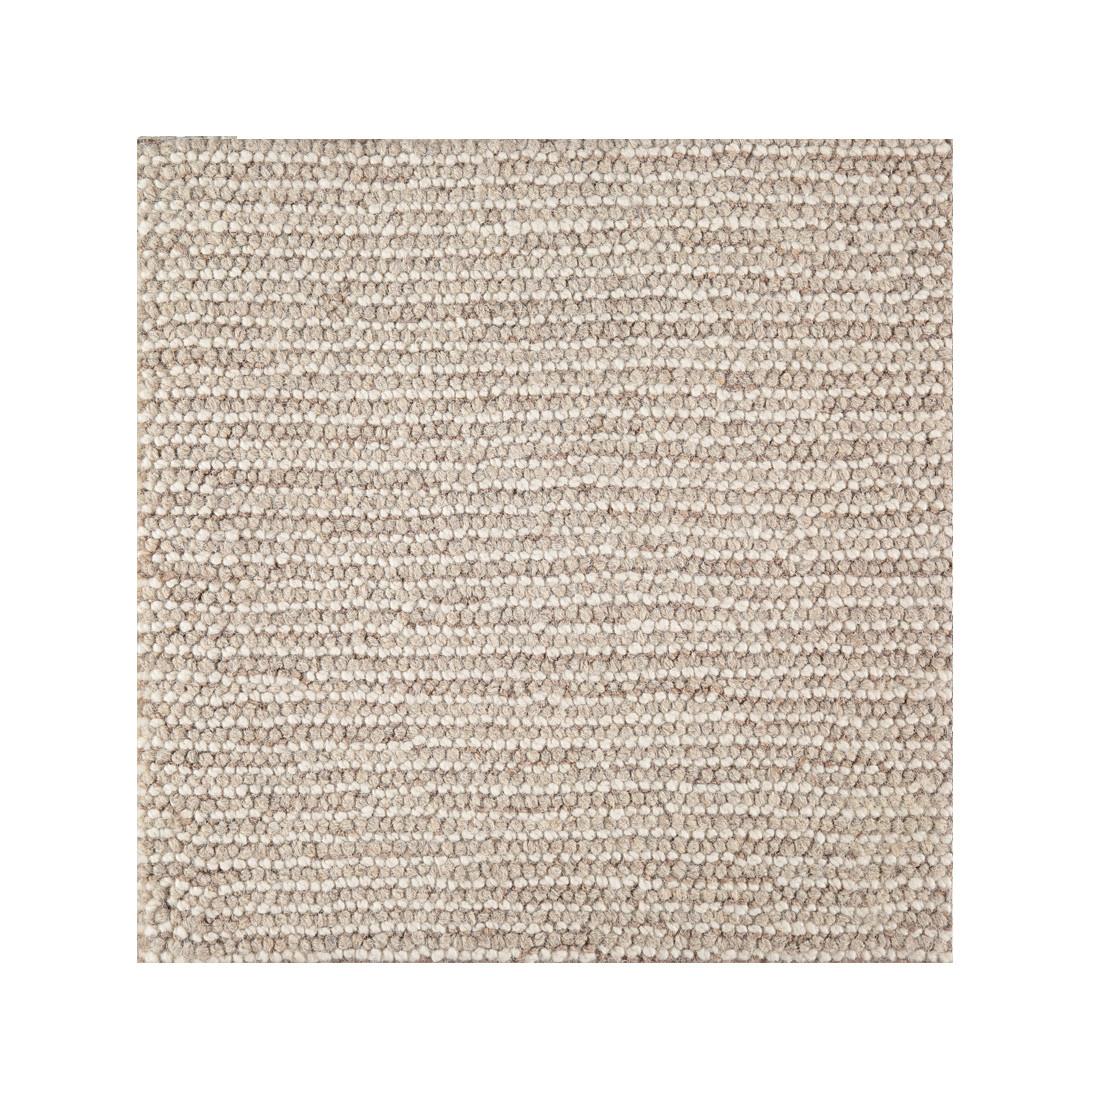 Manhattan  -  100% Wool Loop Pile Handmade -  Beige